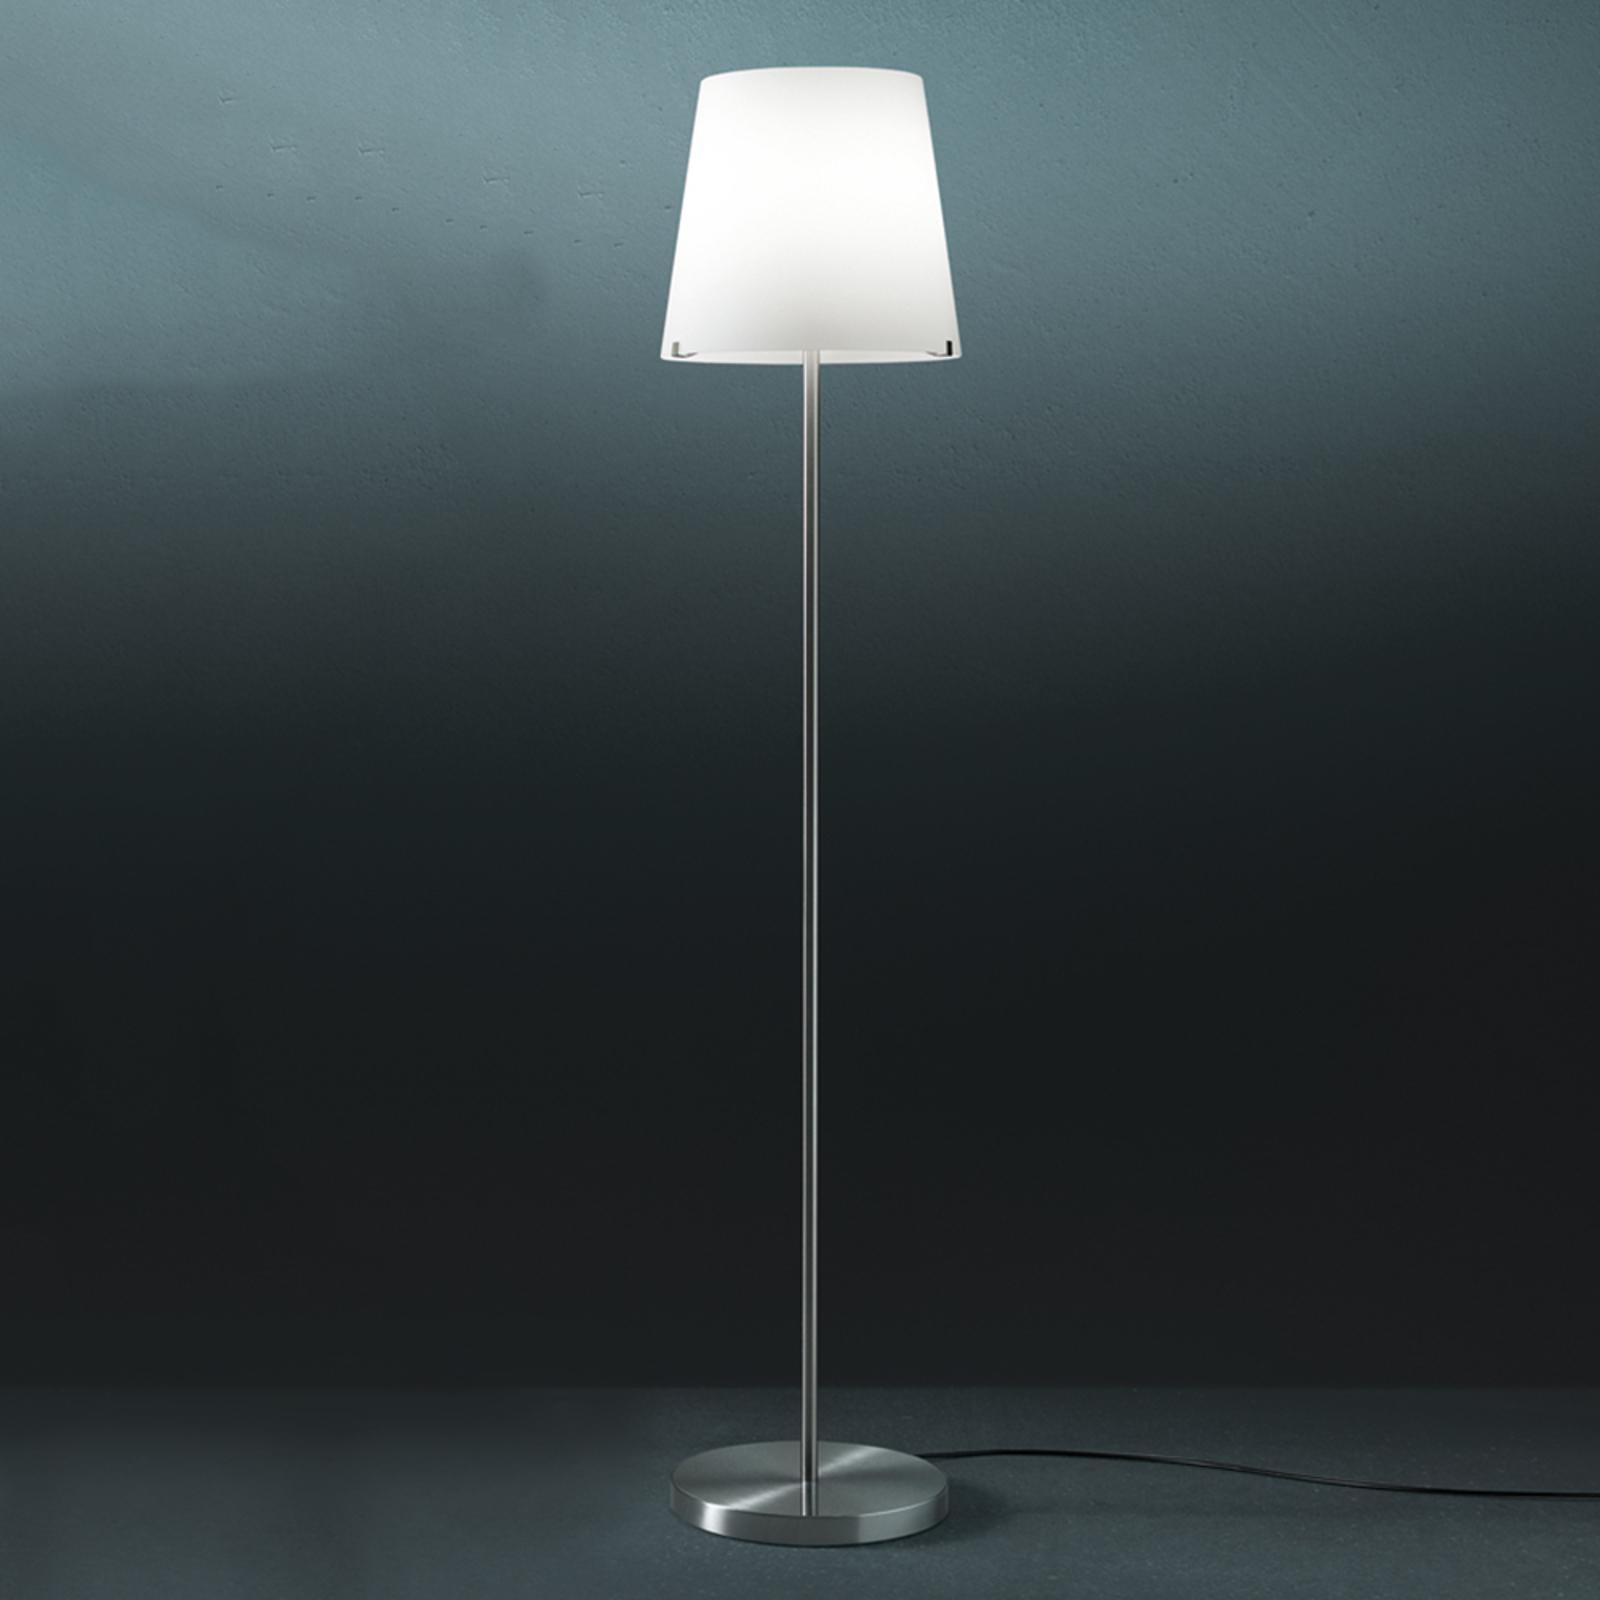 Lampadaire élégant 3247 diamètre 32 cm